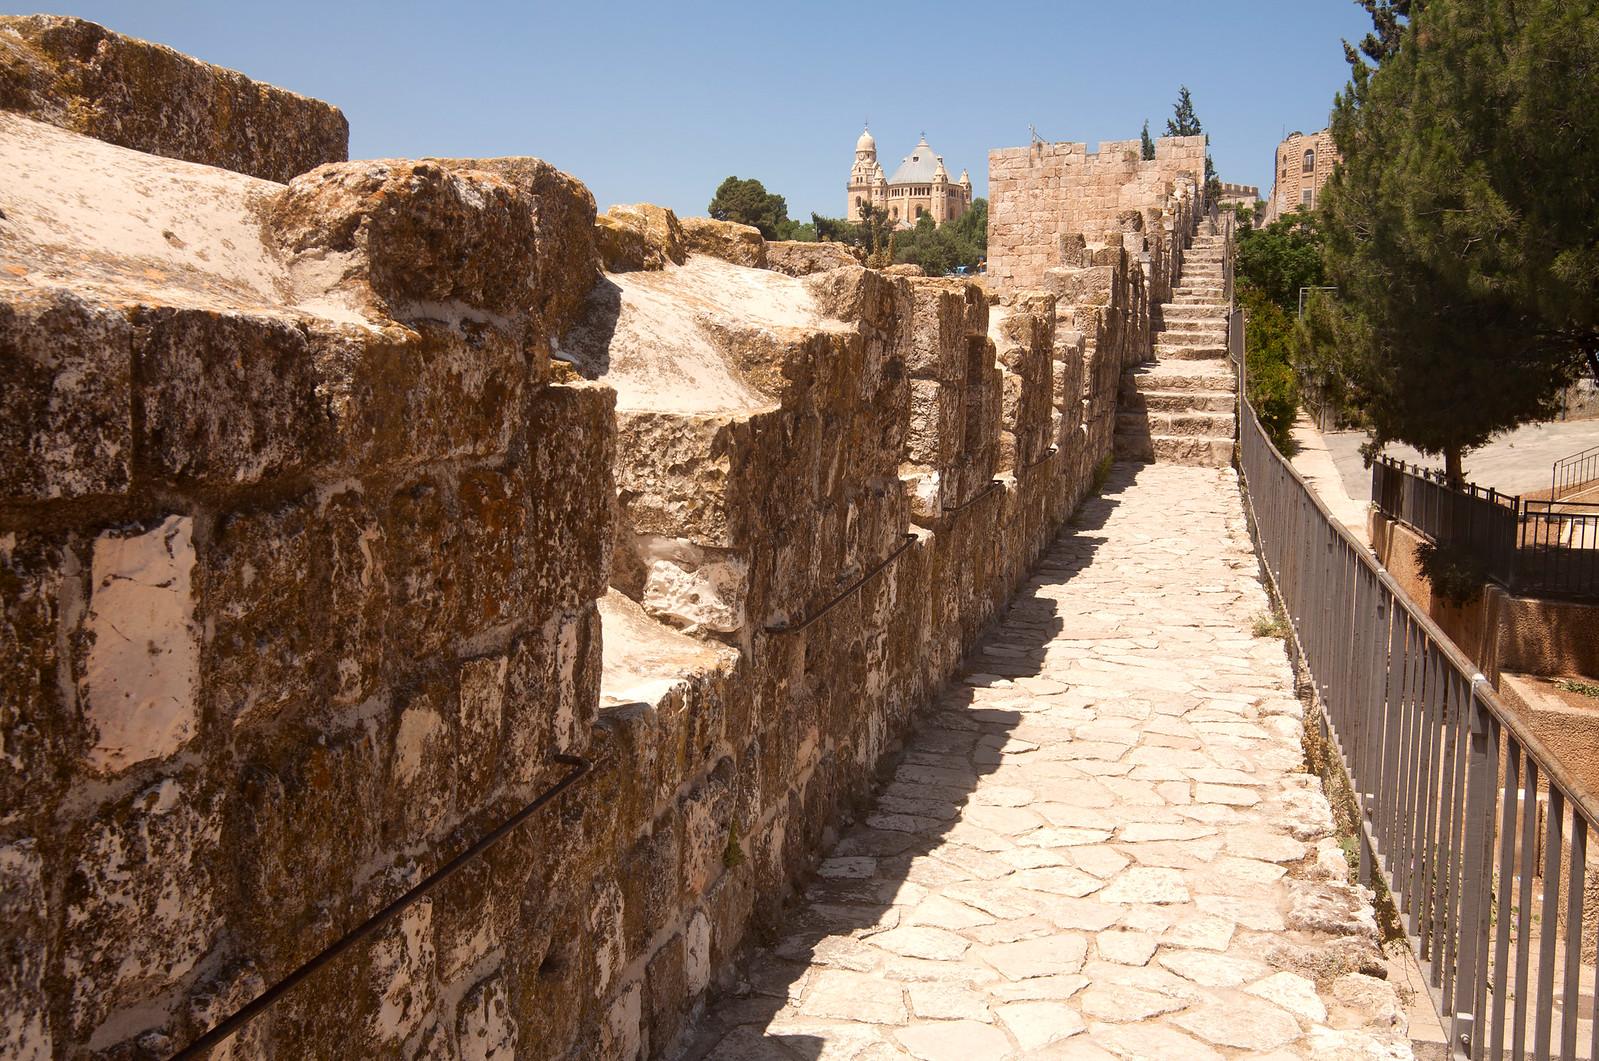 Jerusalem_OLd City walls ramparts_Noam Chen_IMOT